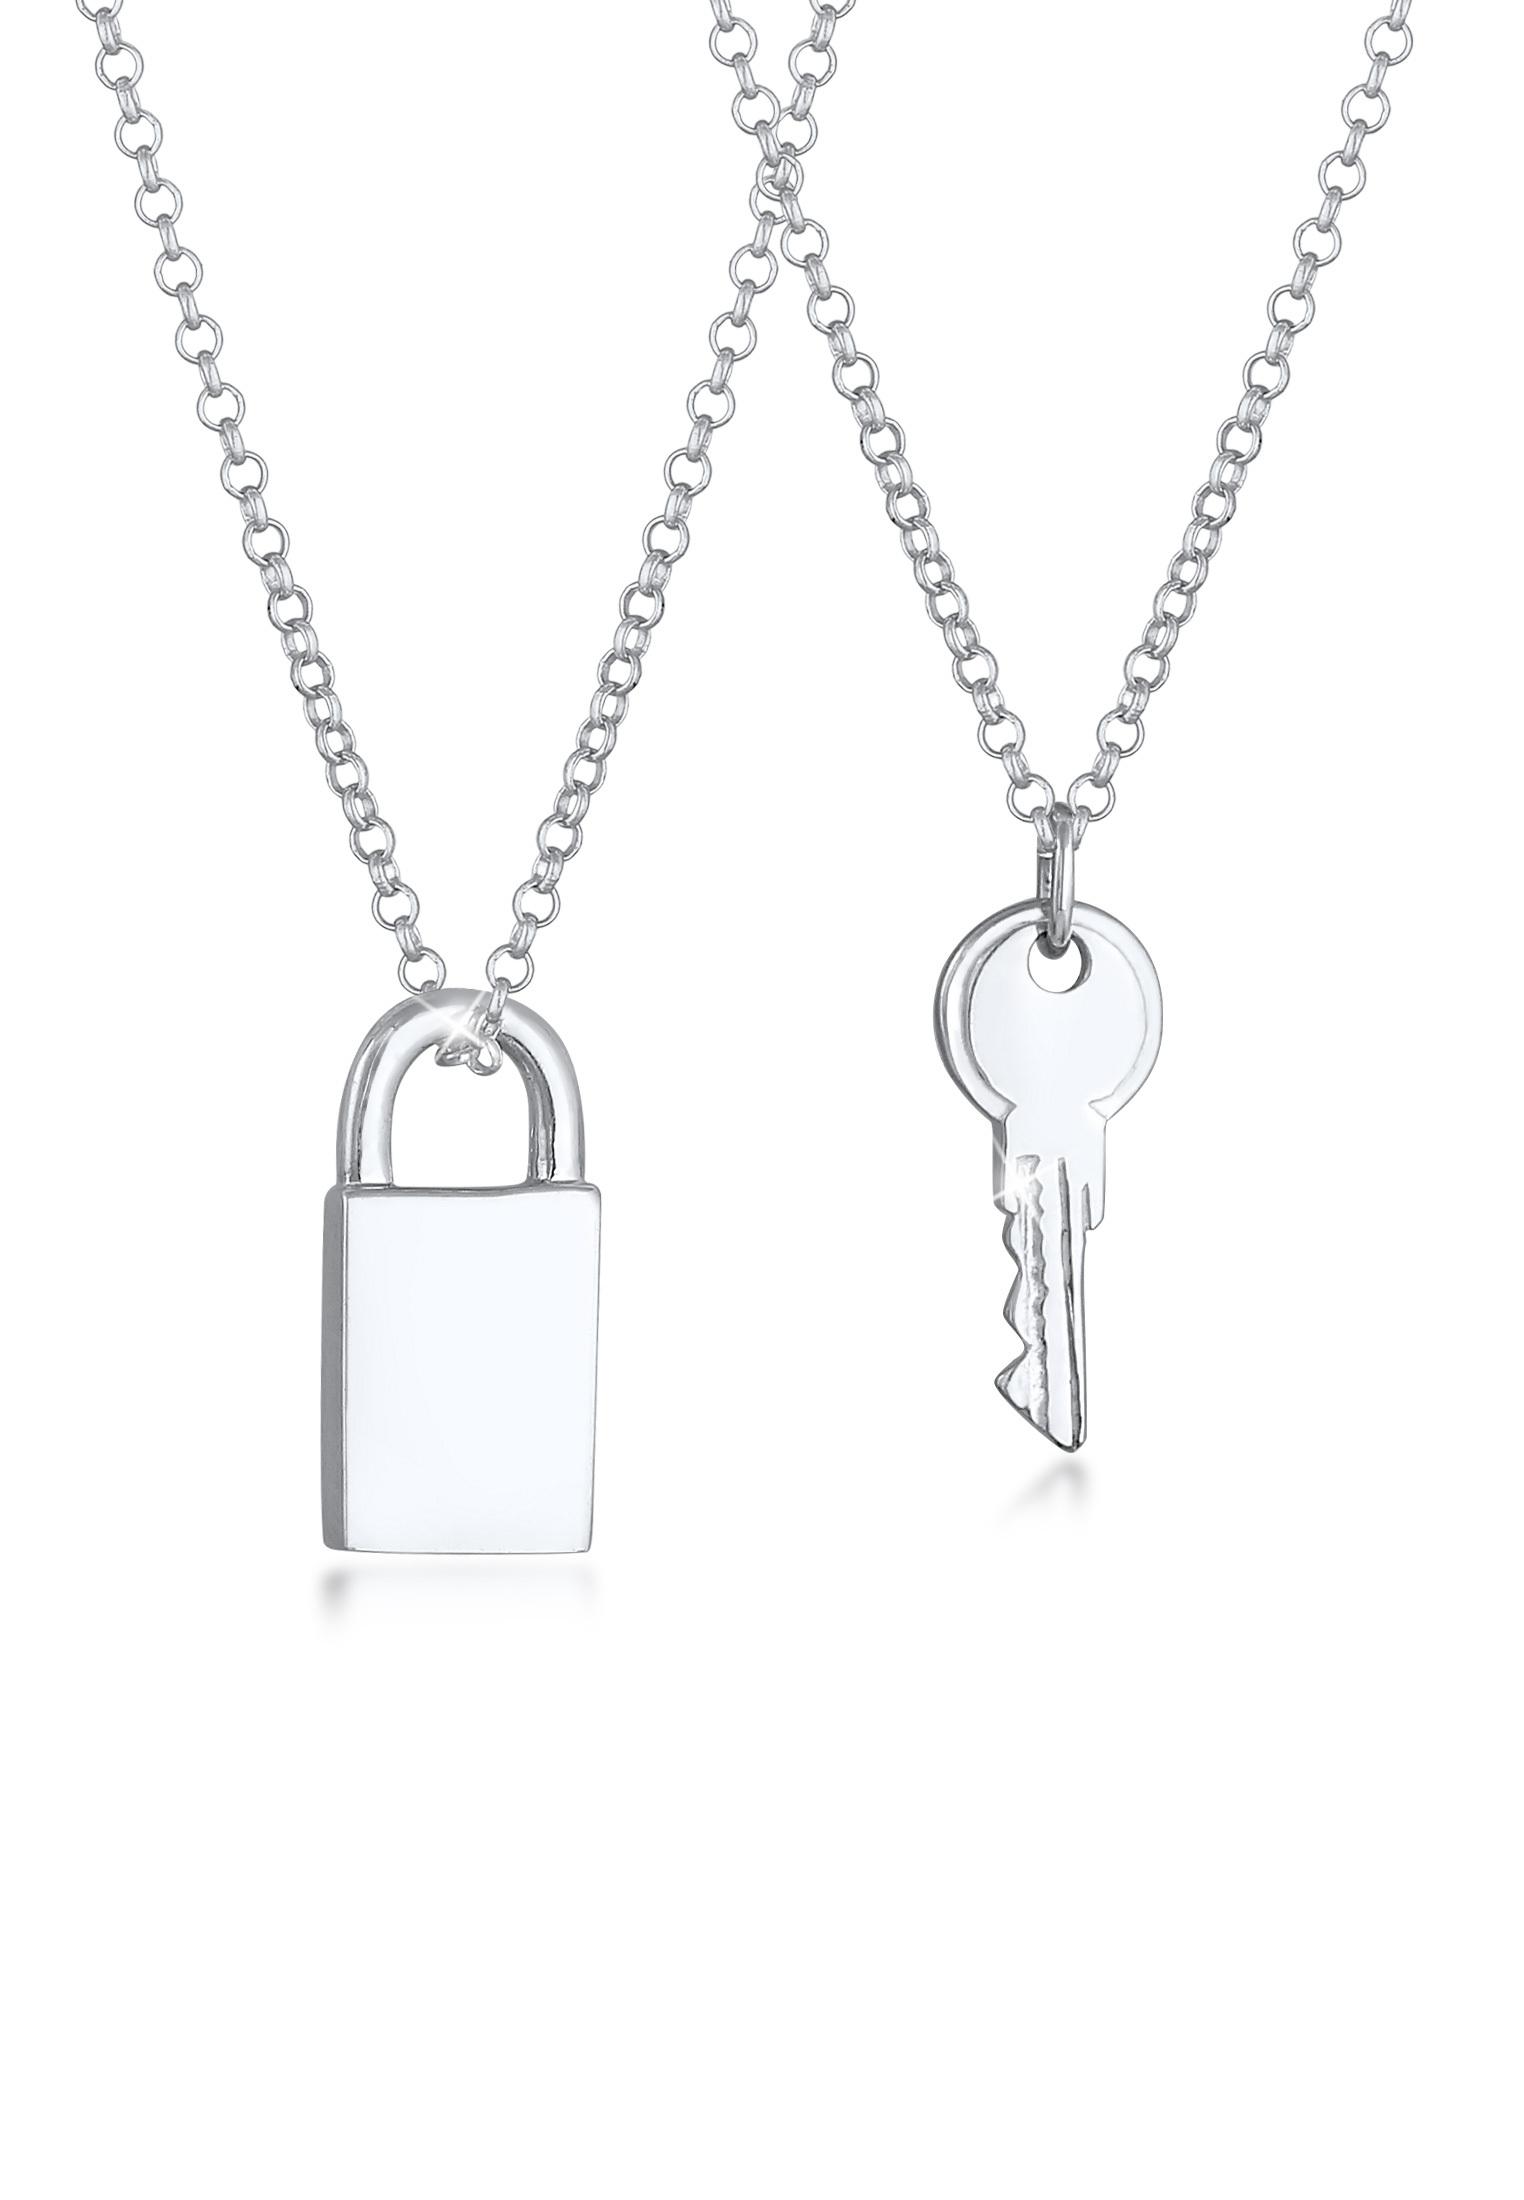 Ketten-Set Schloss & Schlüssel | 925er Sterling Silber